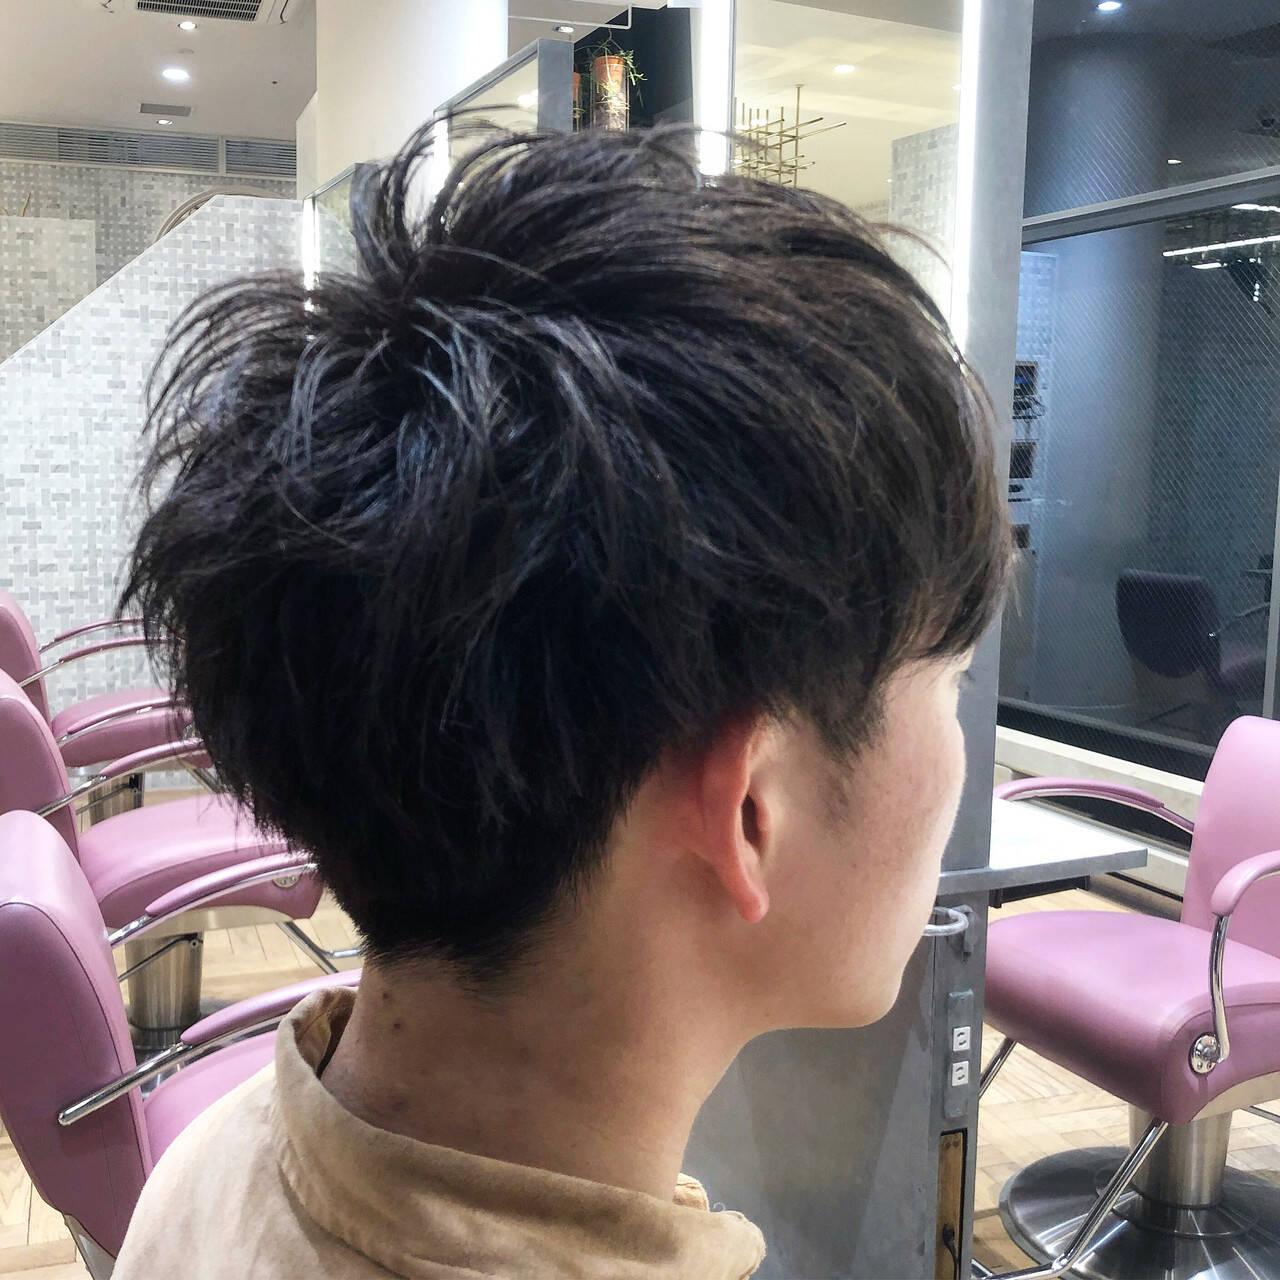 ナチュラル メンズカット ショート メンズヘアヘアスタイルや髪型の写真・画像